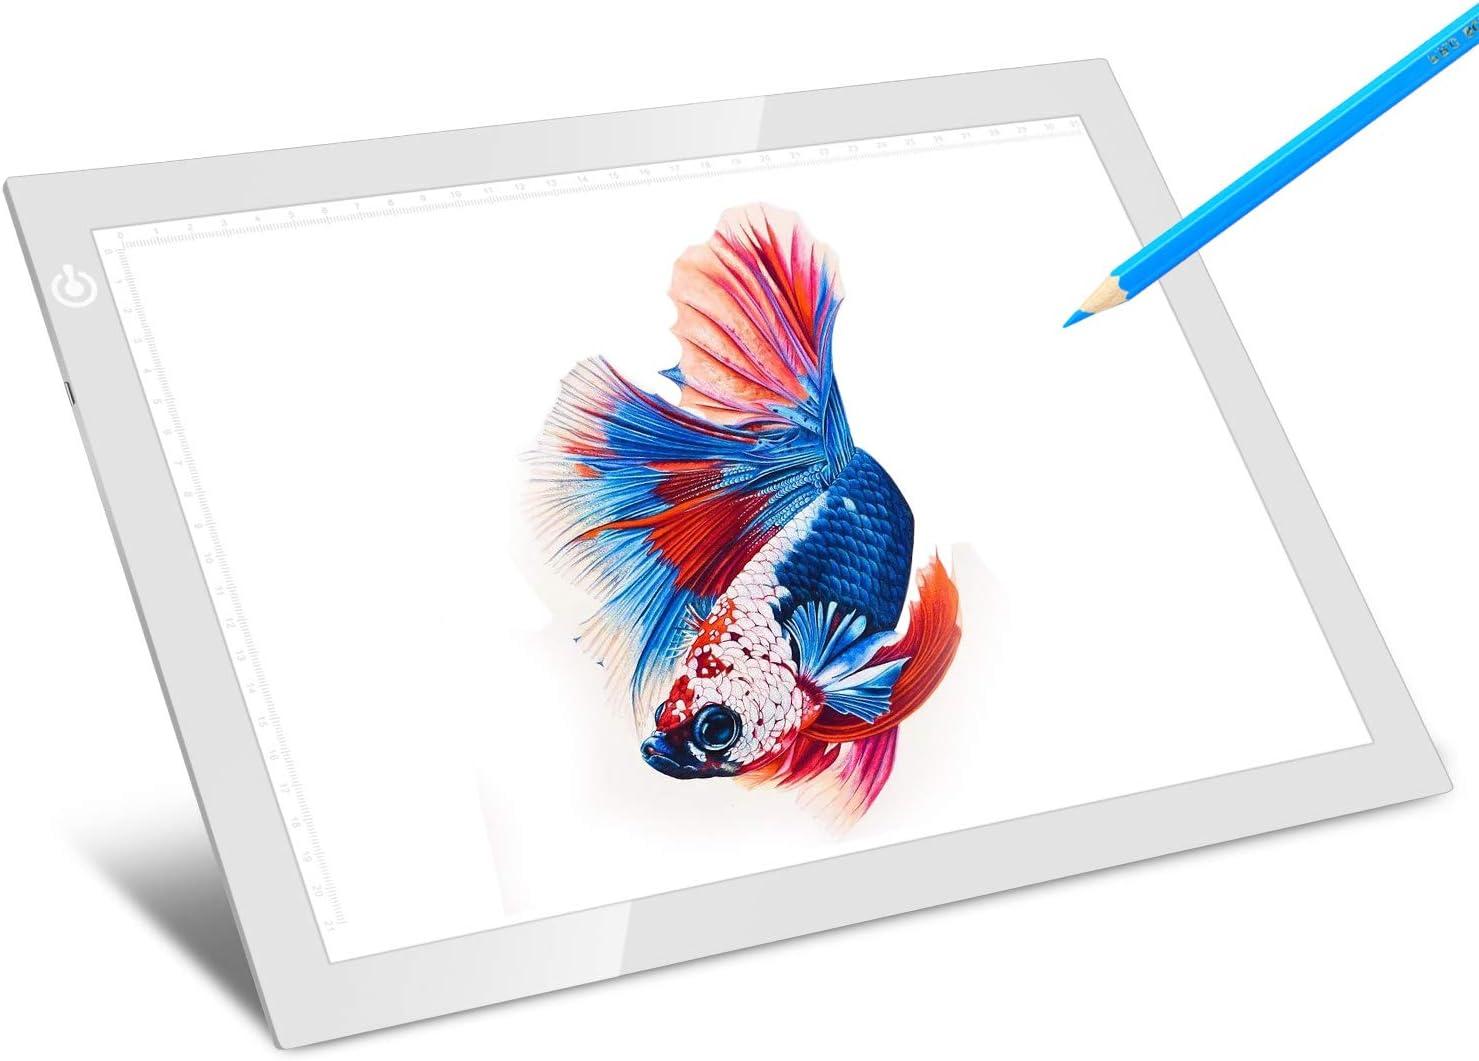 LITENERGY Portable A4 Tracing LED Copy Box Super-cheap Silver Light Max 67% OFF U Board